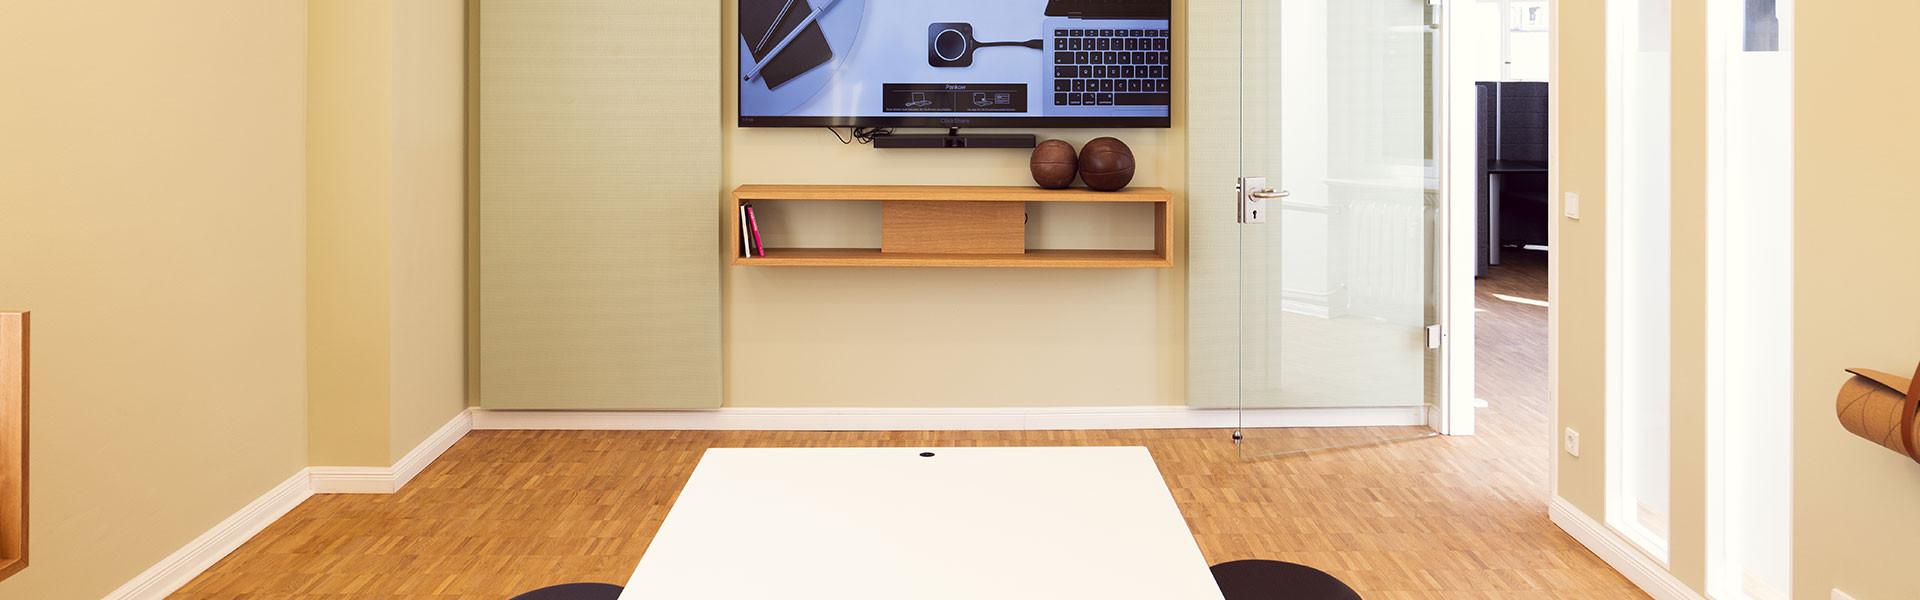 Kaliwerk Besprechungsraum Pankow in Brauntönen mit Blick auf Monitor